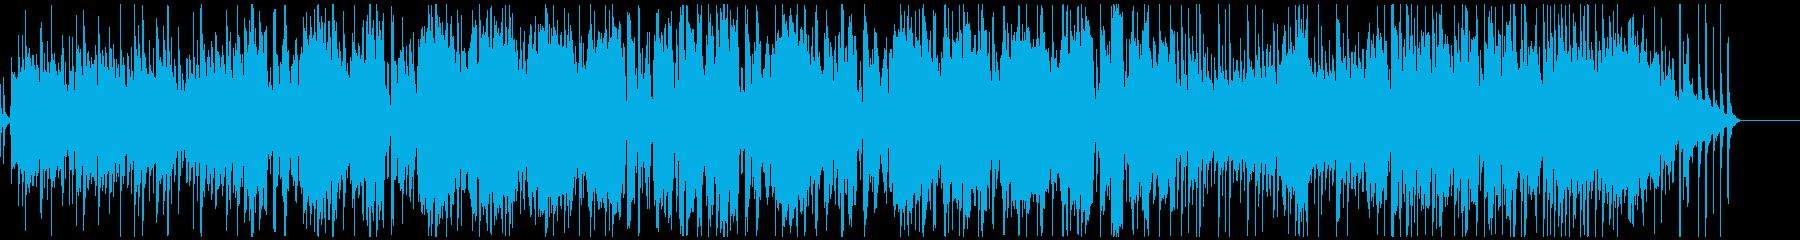 フルートとマリンバのかわいいボサノバの再生済みの波形